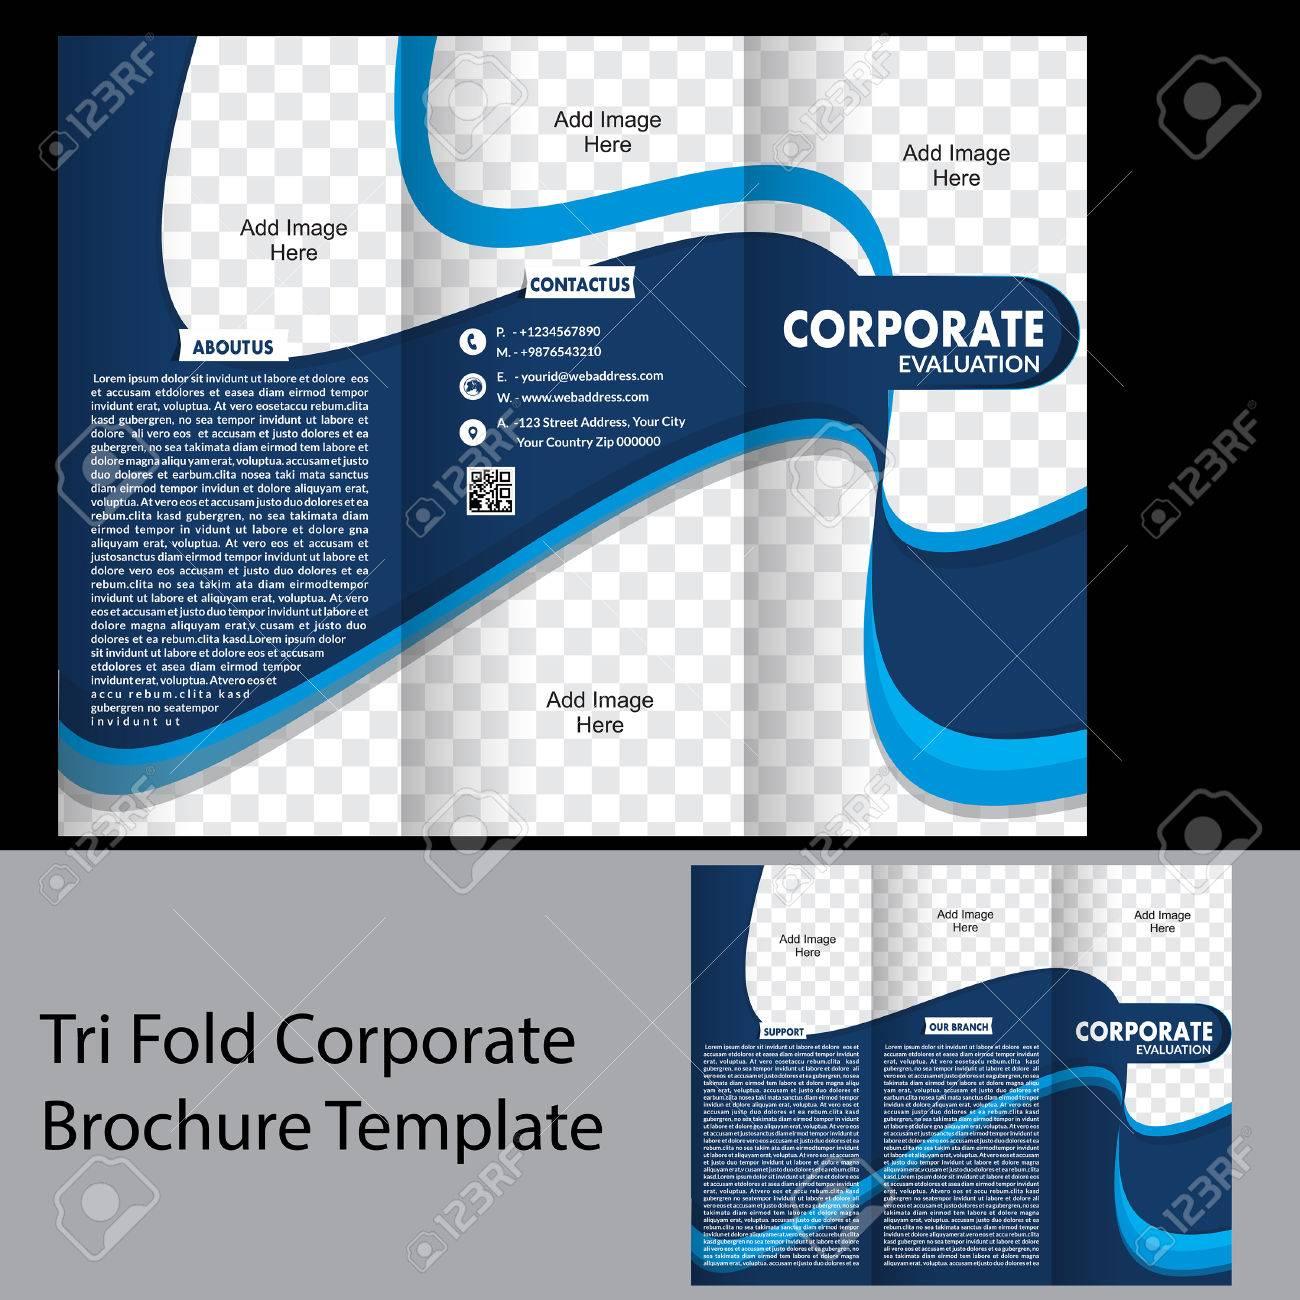 Tri Fold Corporate Brochure Template Vetor Illutsration Royalty – Corporate Brochure Template